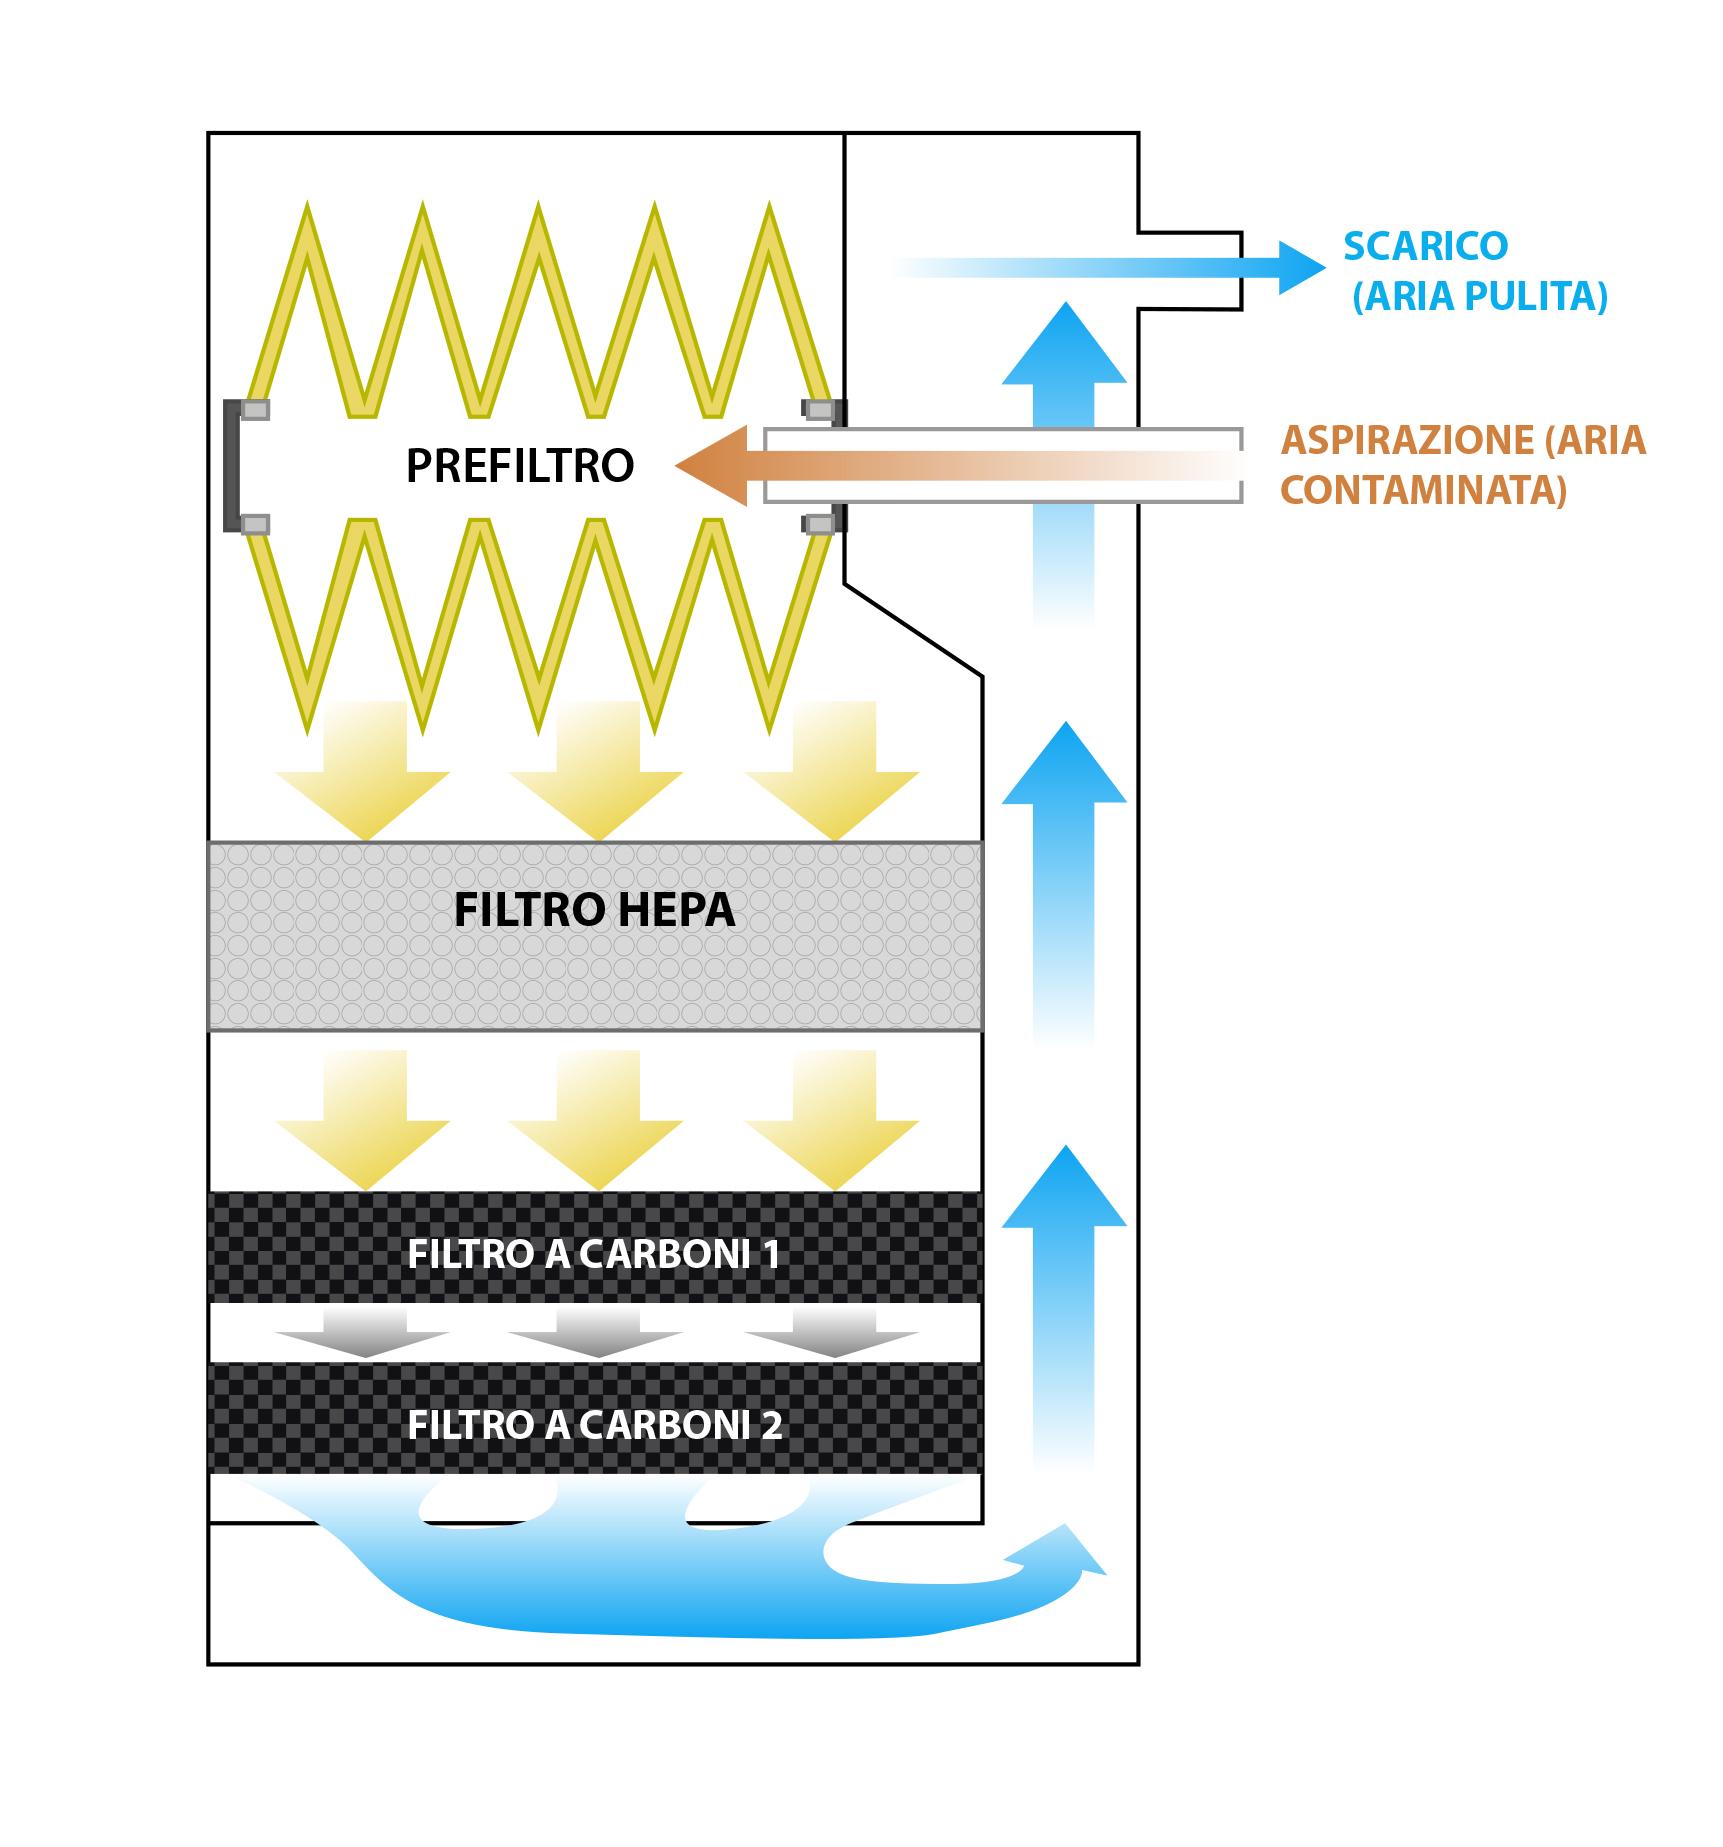 Schema del percorso del filtro UAC